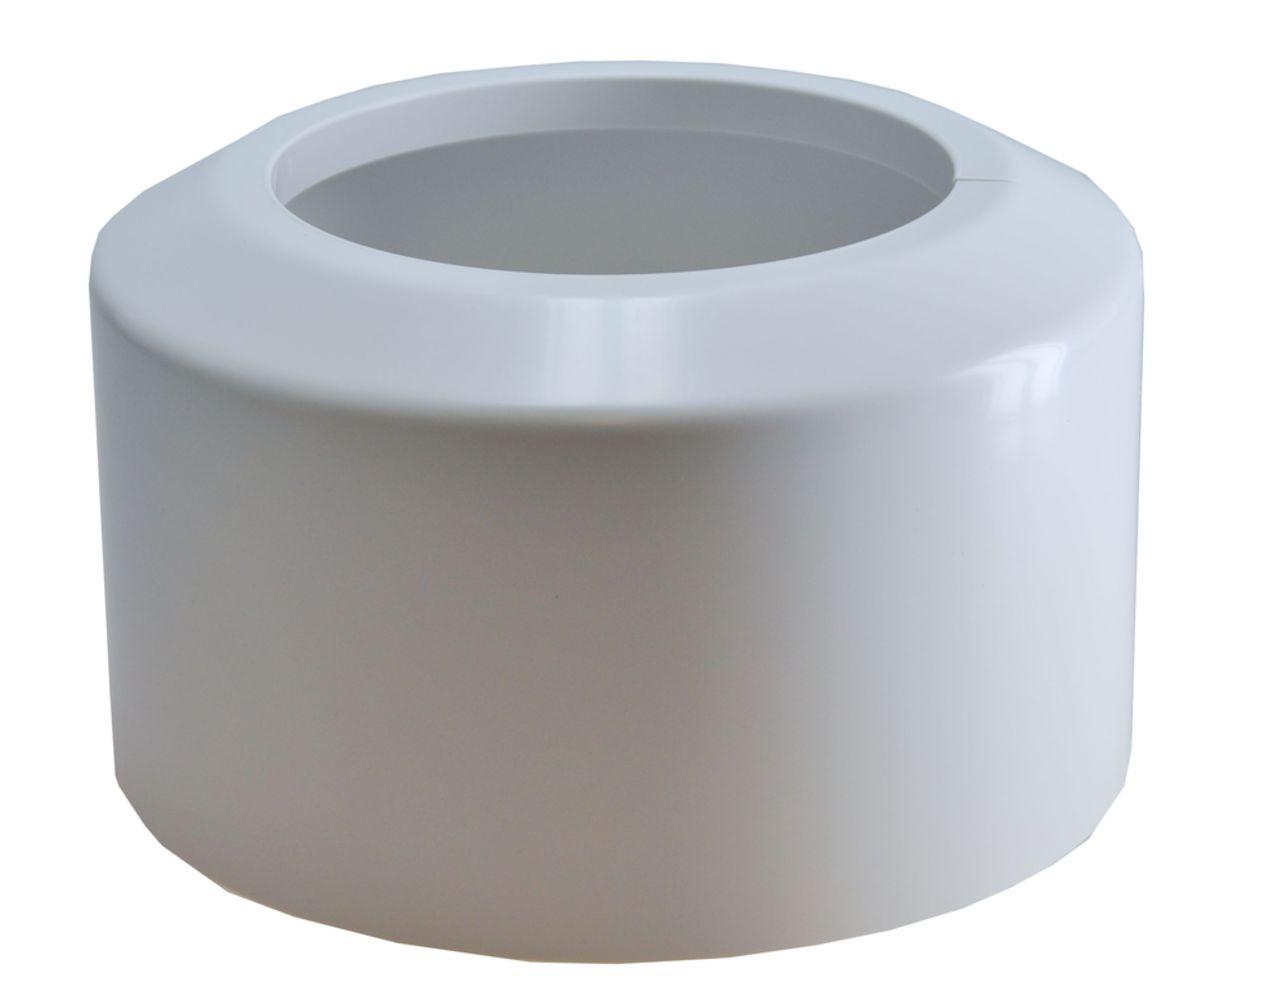 Badkamer accessoires toilet accessoires